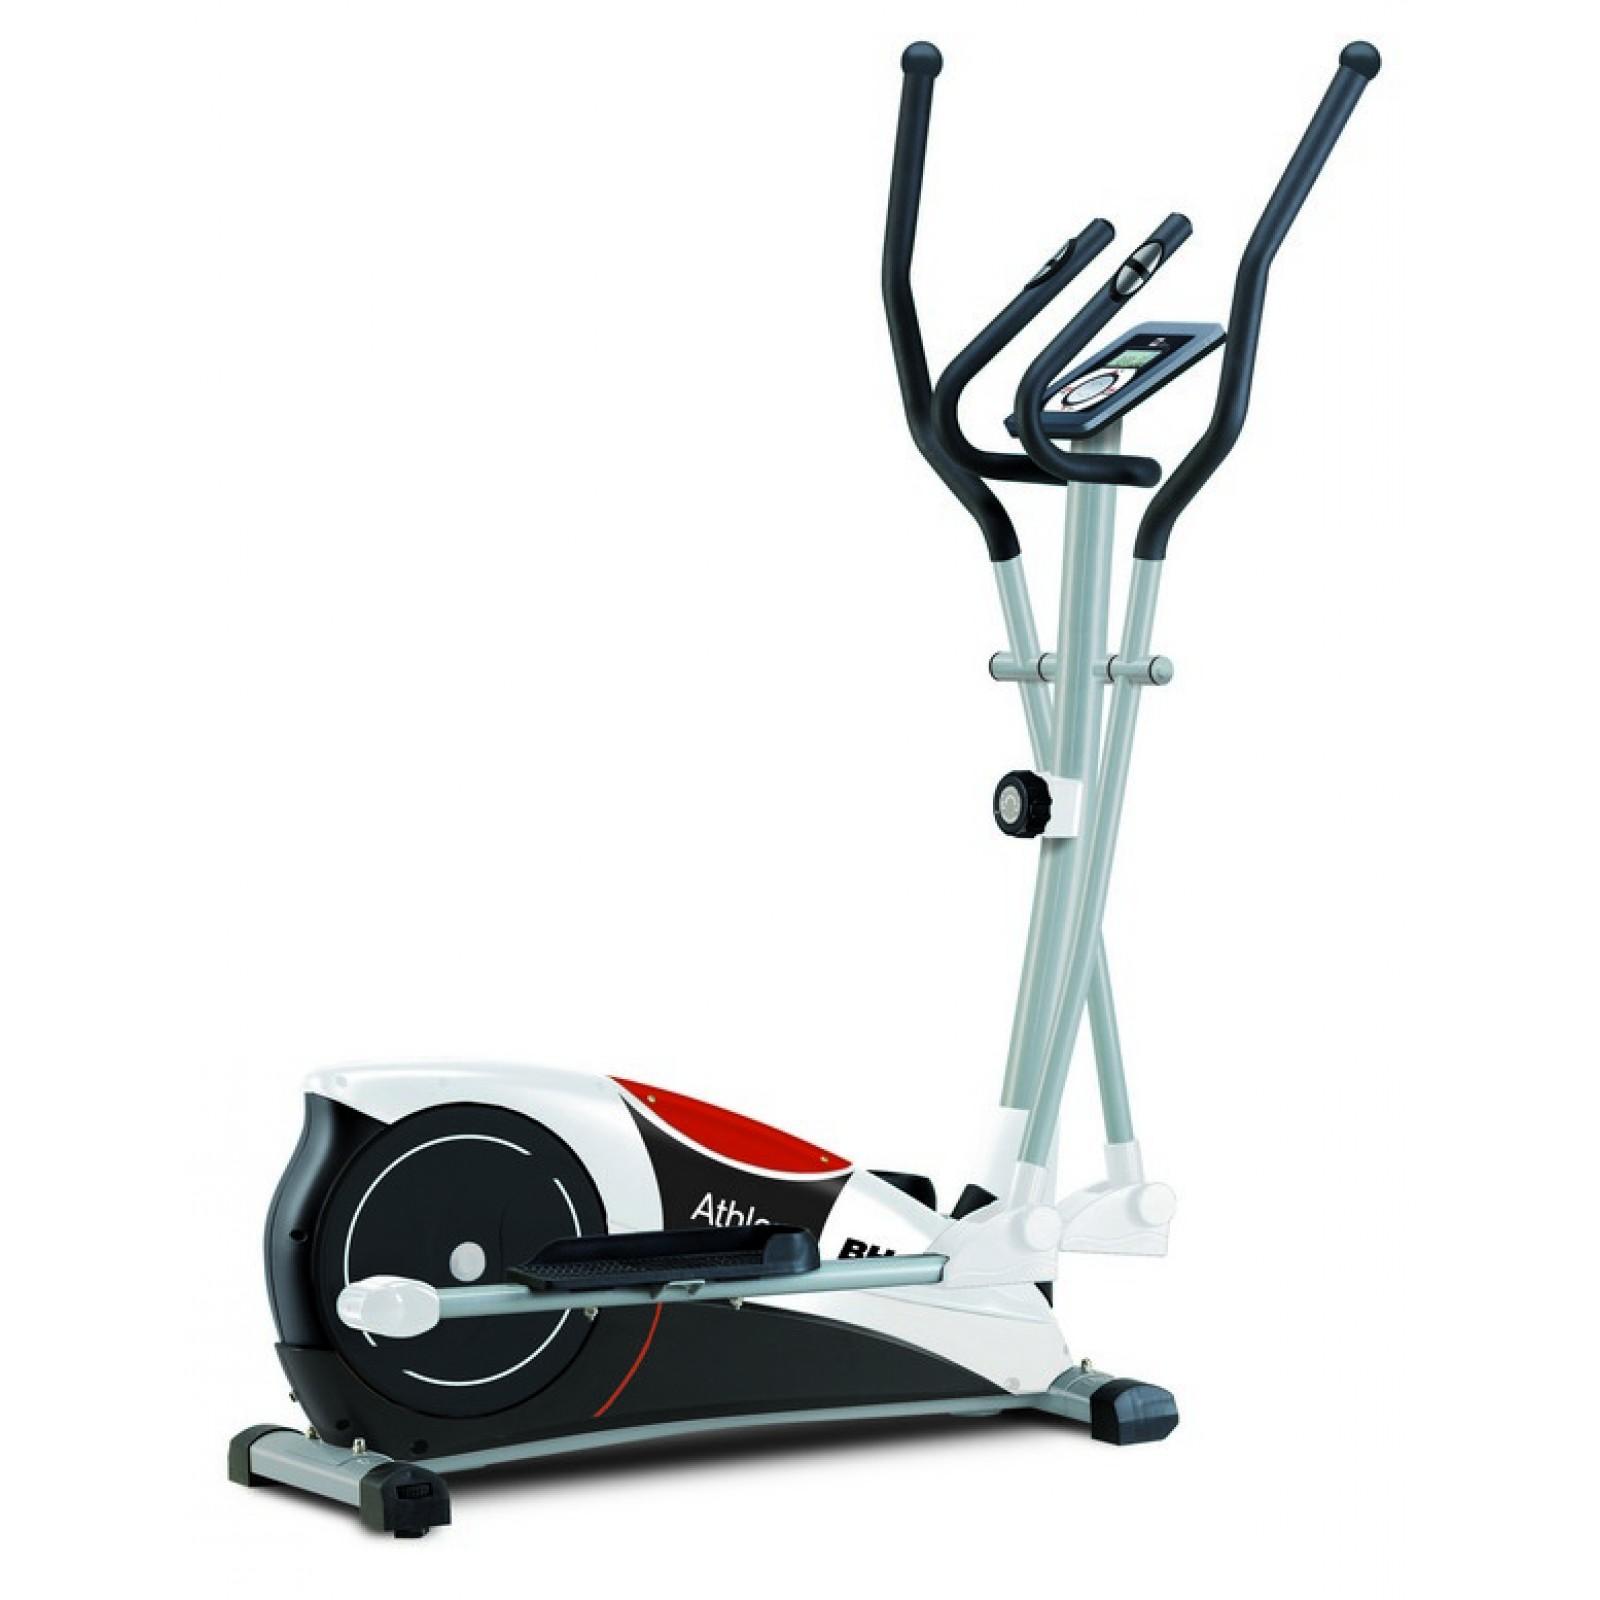 Эллиптический тренажер BH Fitness Athlon